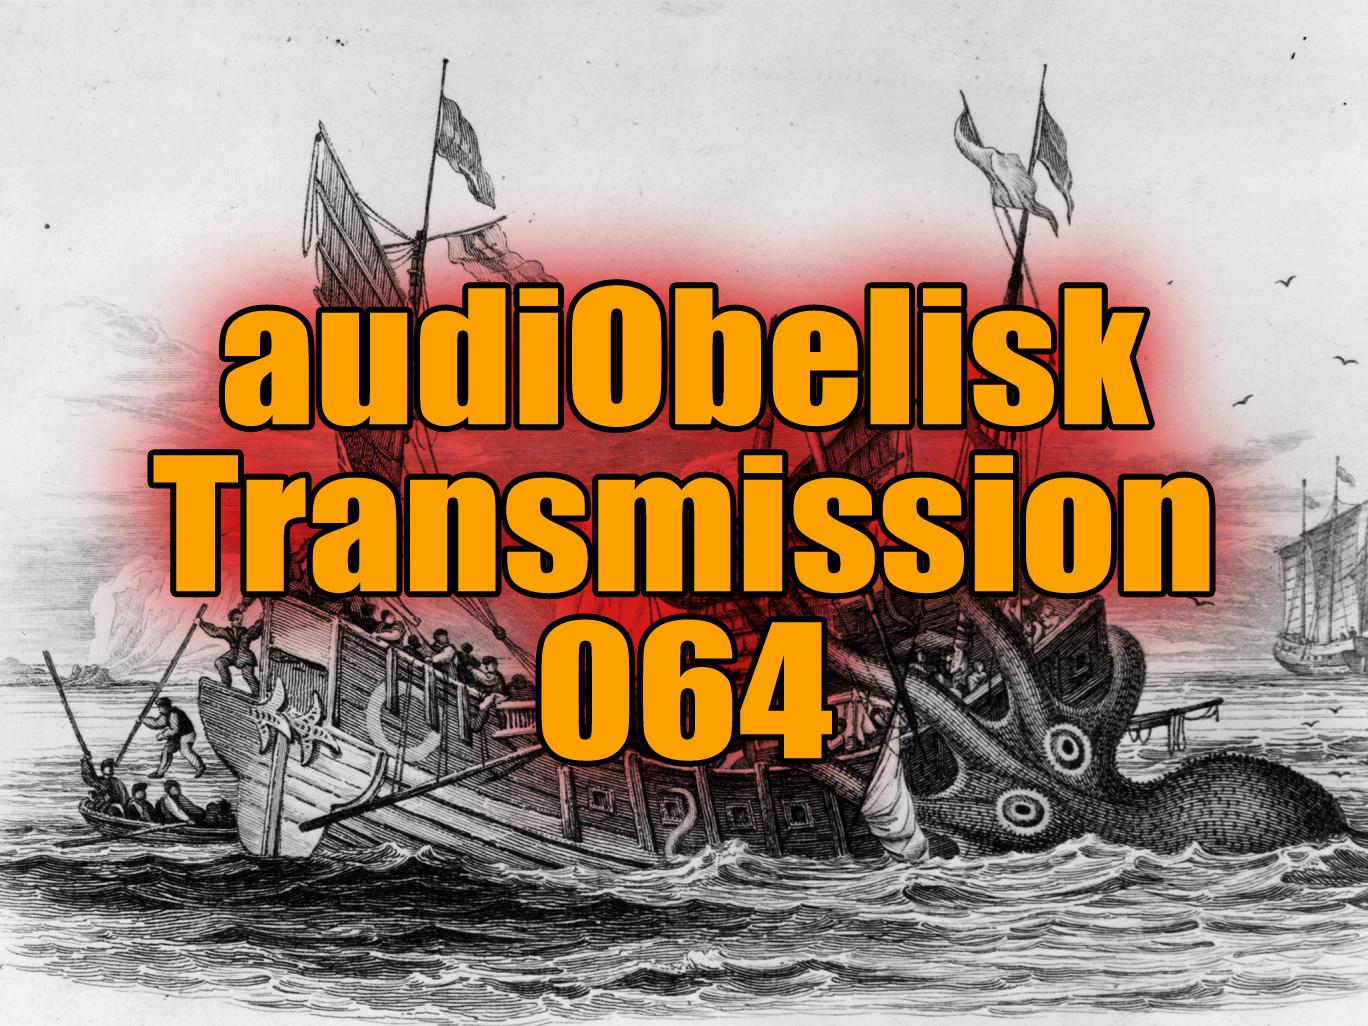 audiobelisk transmission 064